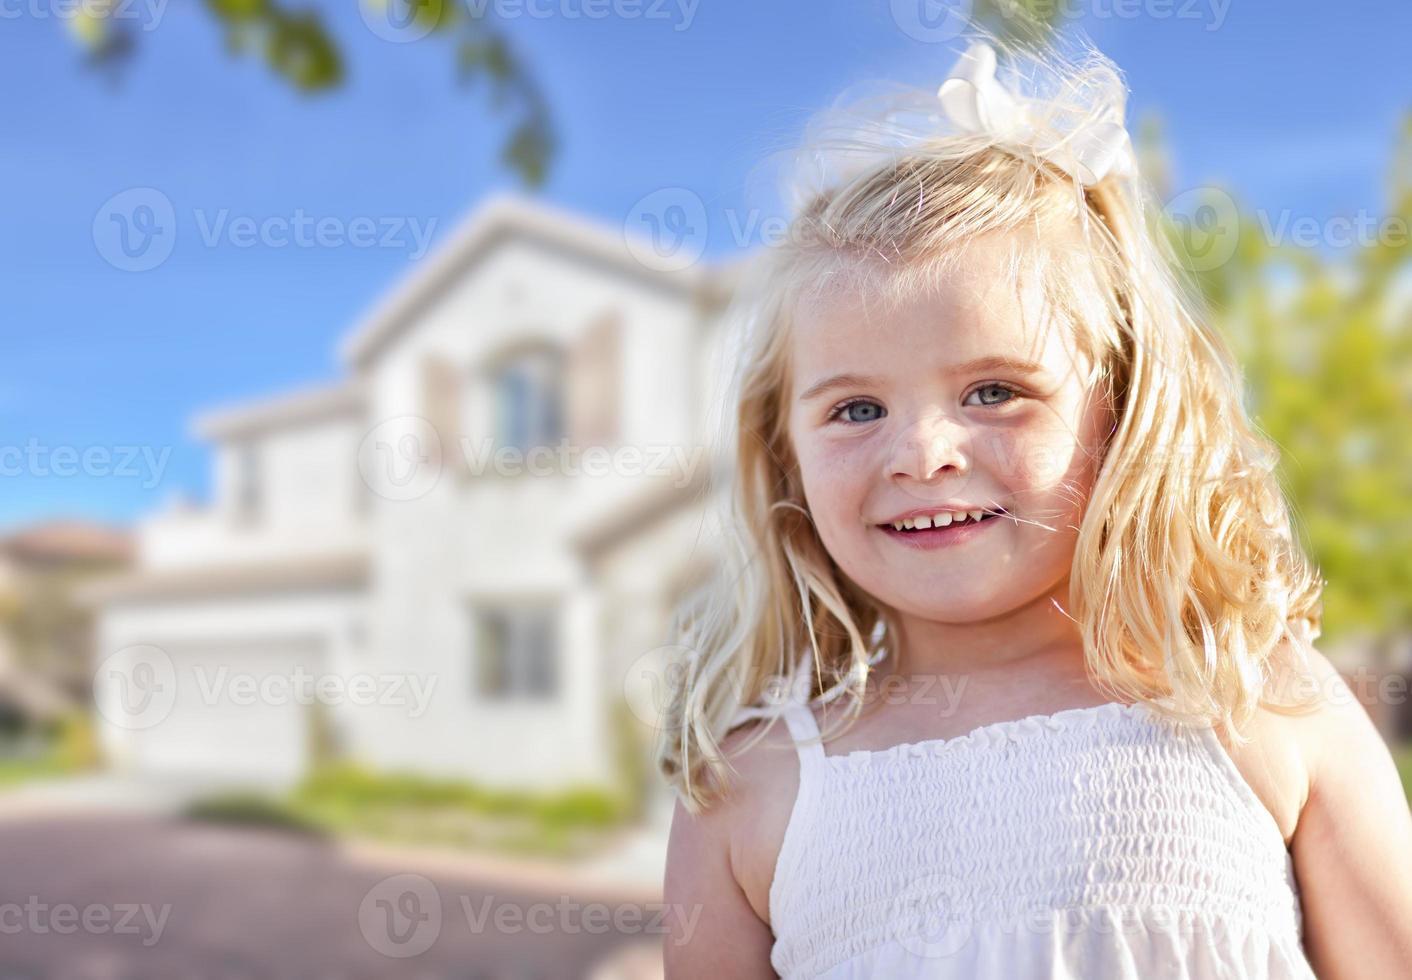 süßes lächelndes Mädchen, das im Vorgarten spielt foto